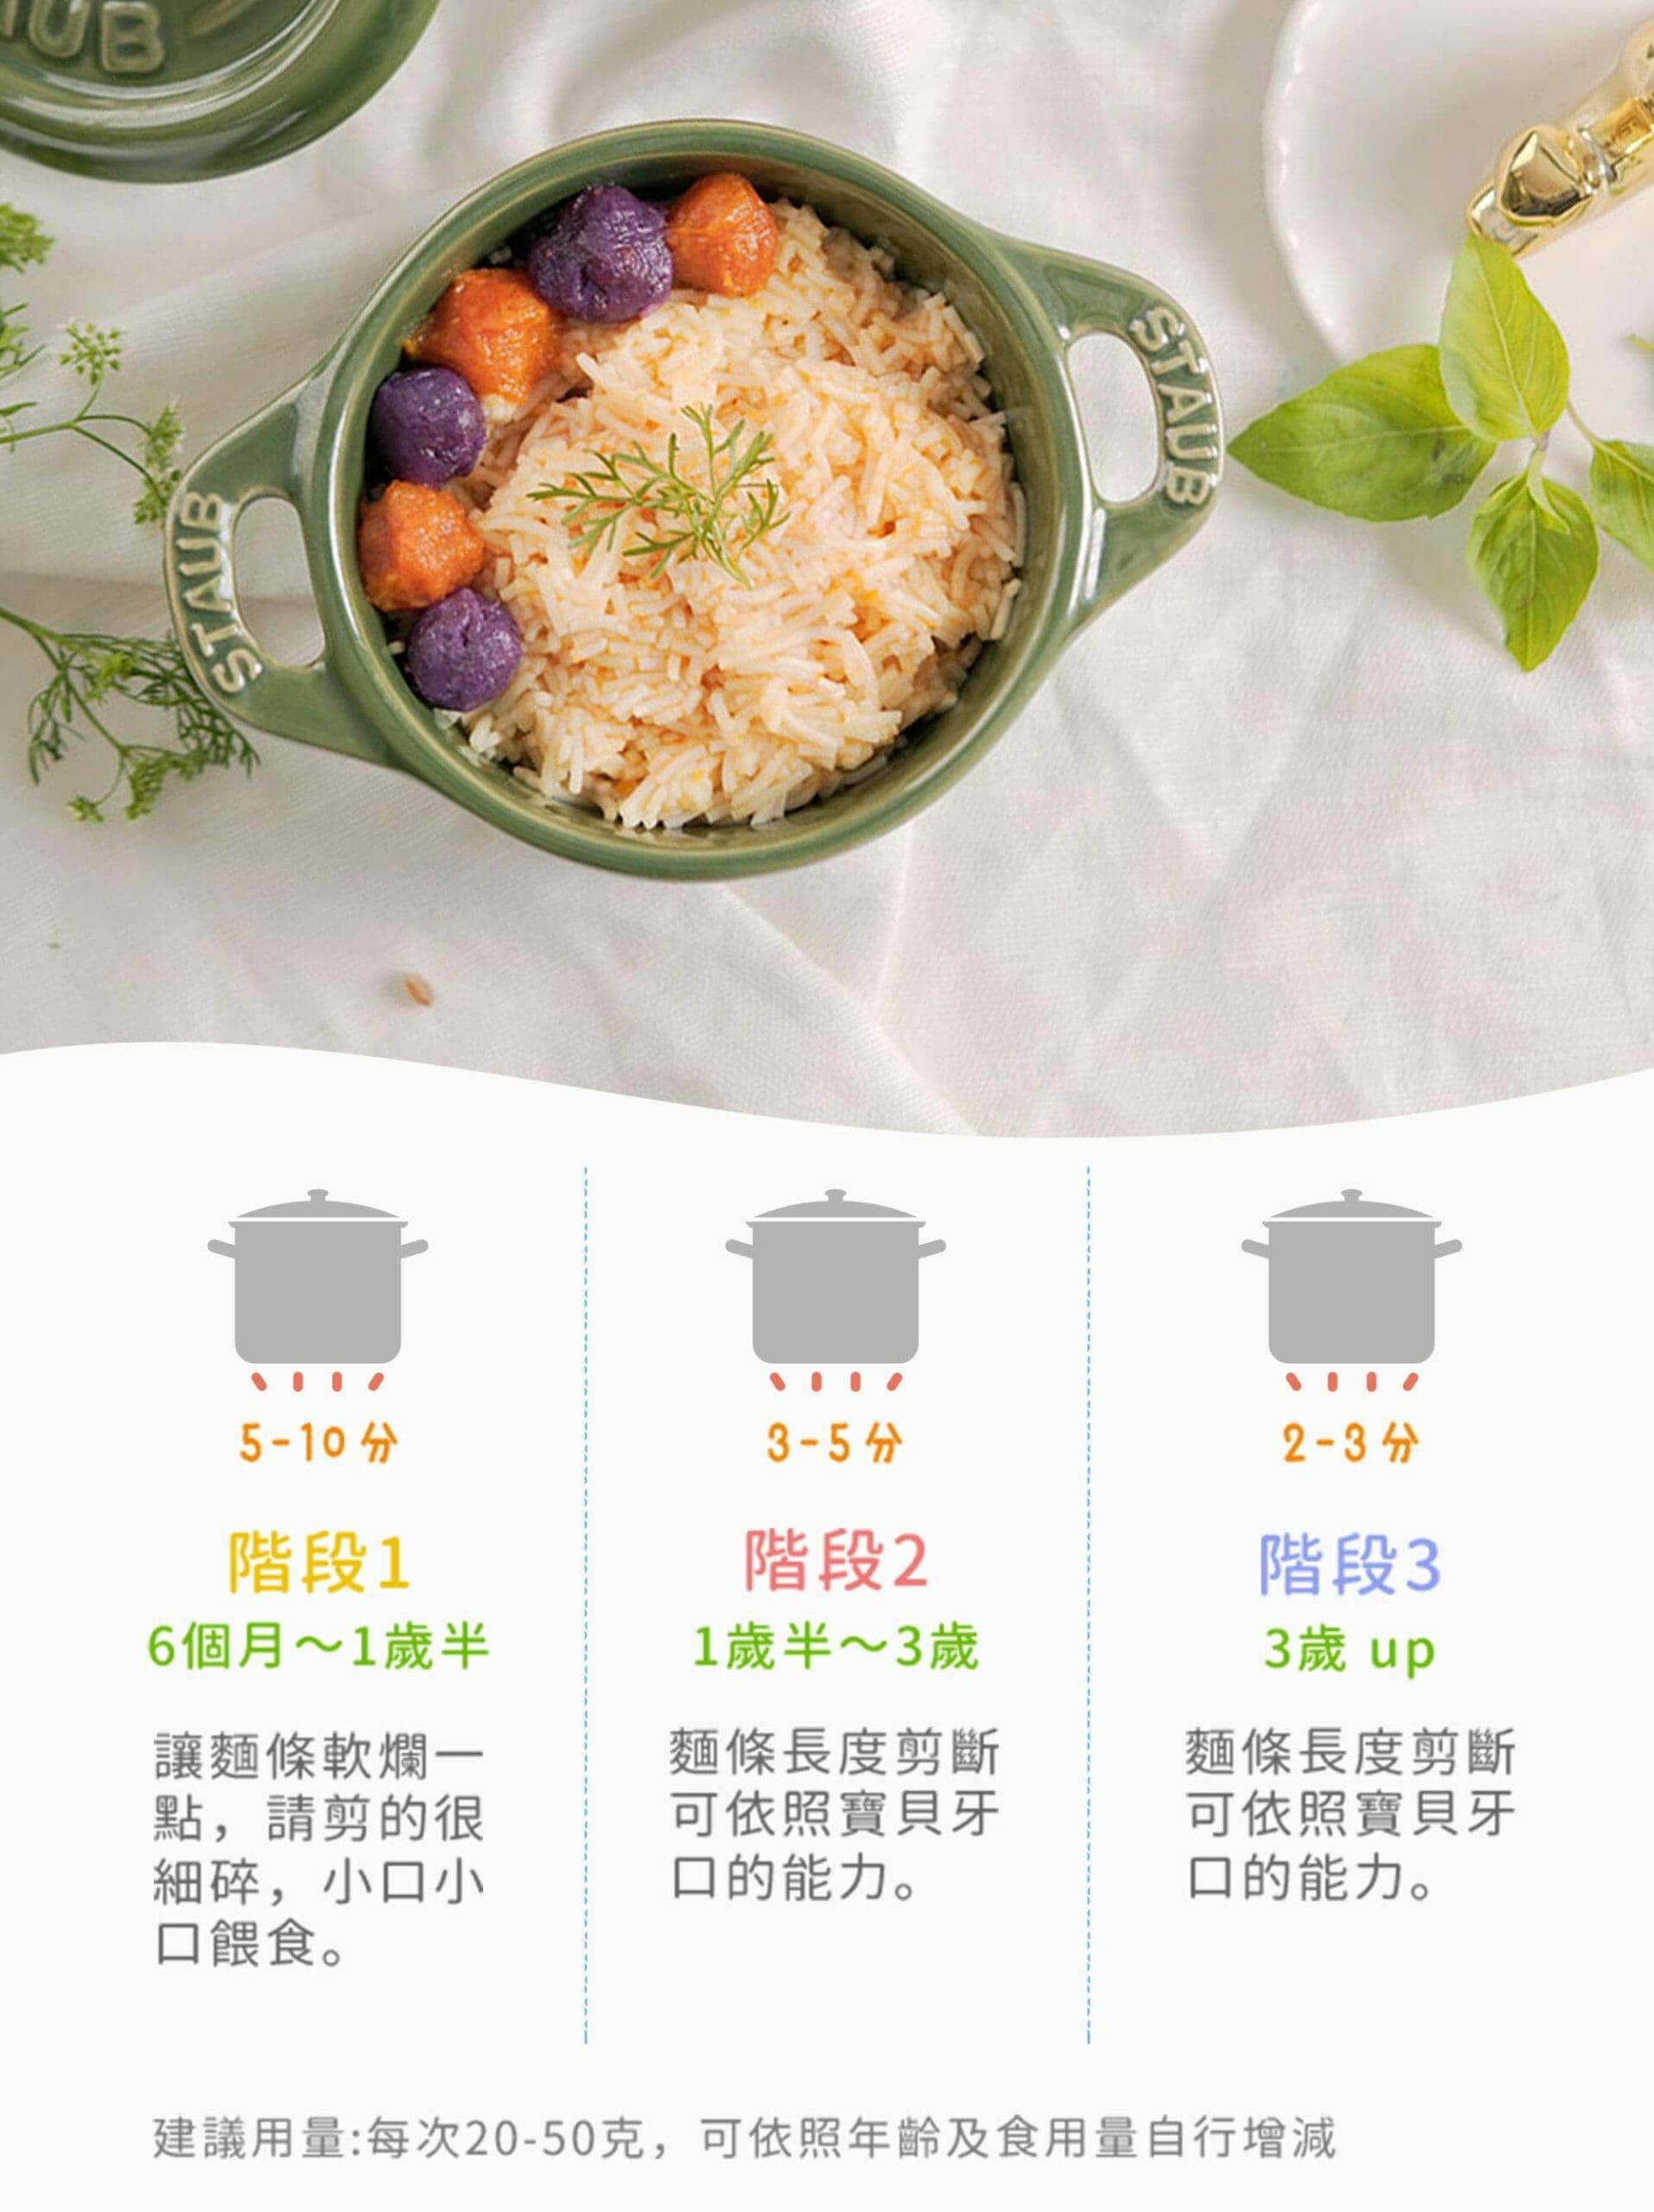 煮麵建議,水滾後將麵條放入沸水,筷子輕拌避免沾鍋,煮3到5分鐘,即可撈起食用,並可以加入切碎的新鮮蔬菜或肉末。